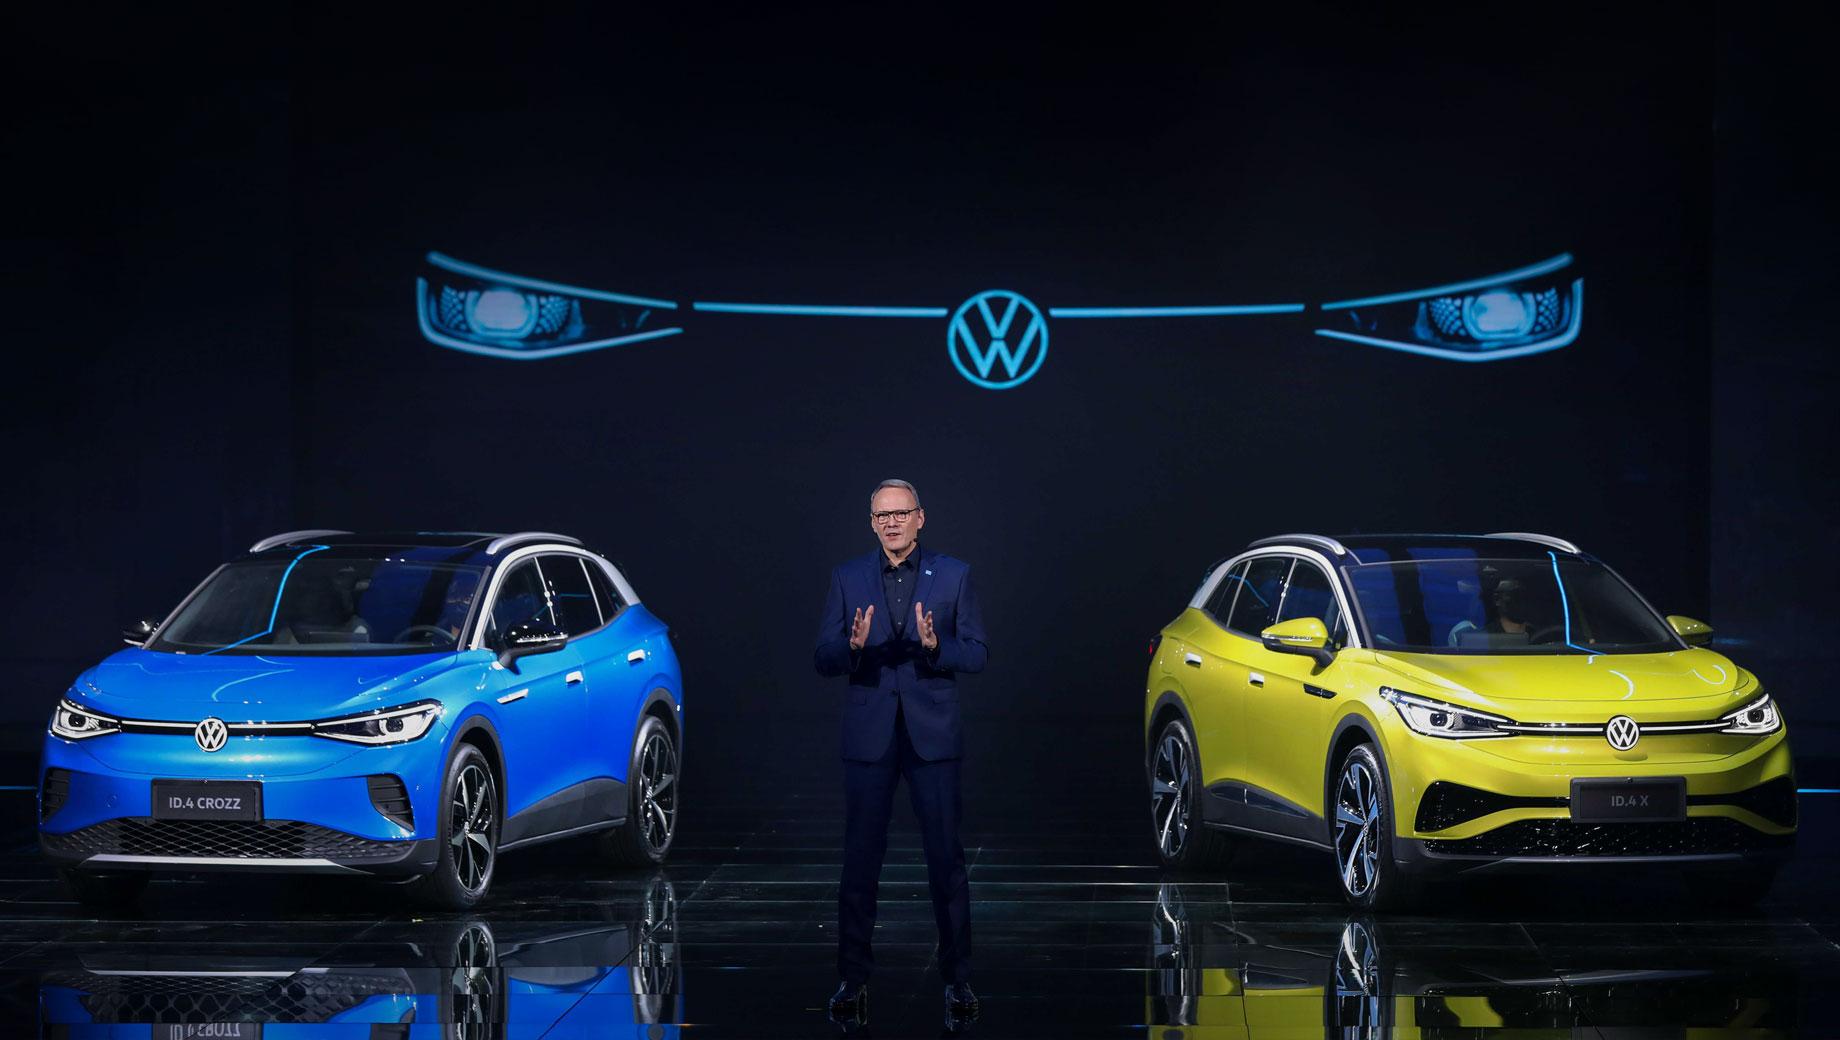 Volkswagen id 4,Volkswagen id crozz,Volkswagen id 4 x. Volkswagen построил для Китая два «айди-четвёртых»: ID.4 Crozz от предприятия FAW-Volkswagen вышел на рынок в феврале, а ID.4 X от альянса SAIC Volkswagen — в марте. Мощность обоих варьируется в пределах 125–150 кВт (170–204 л.с., 310–460 Н•м). Запас хода: 402–555 км (NEDC).